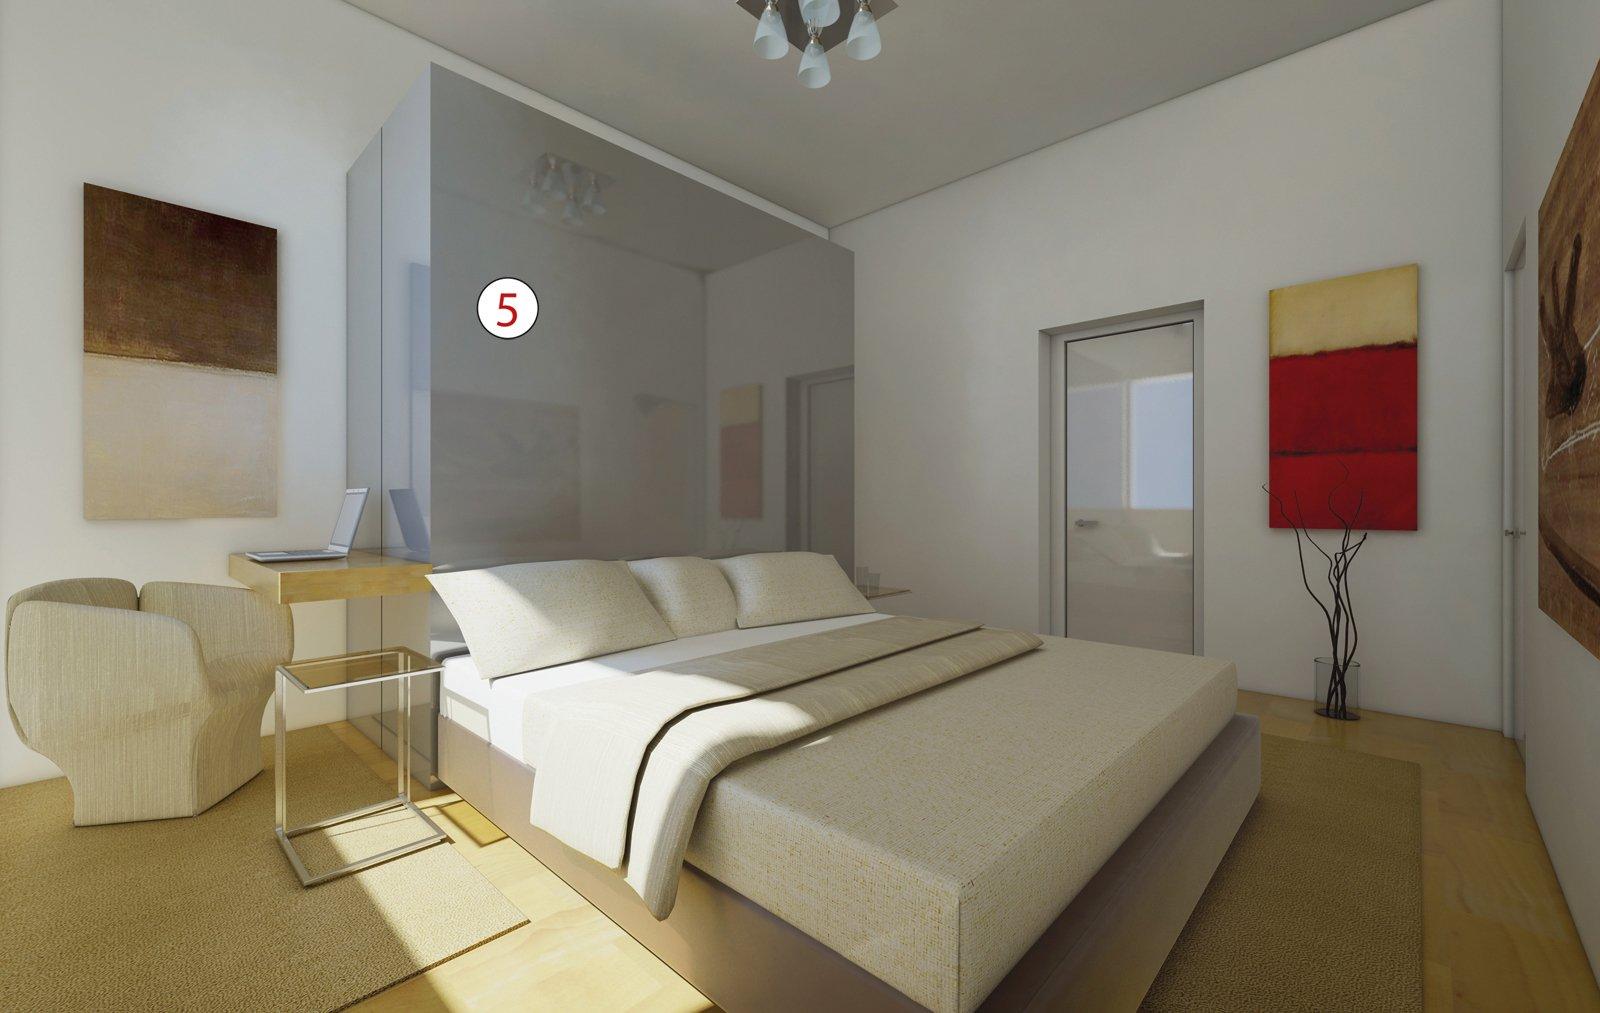 Camera da letto in cartongesso: cartongesso e controsoffitti ...